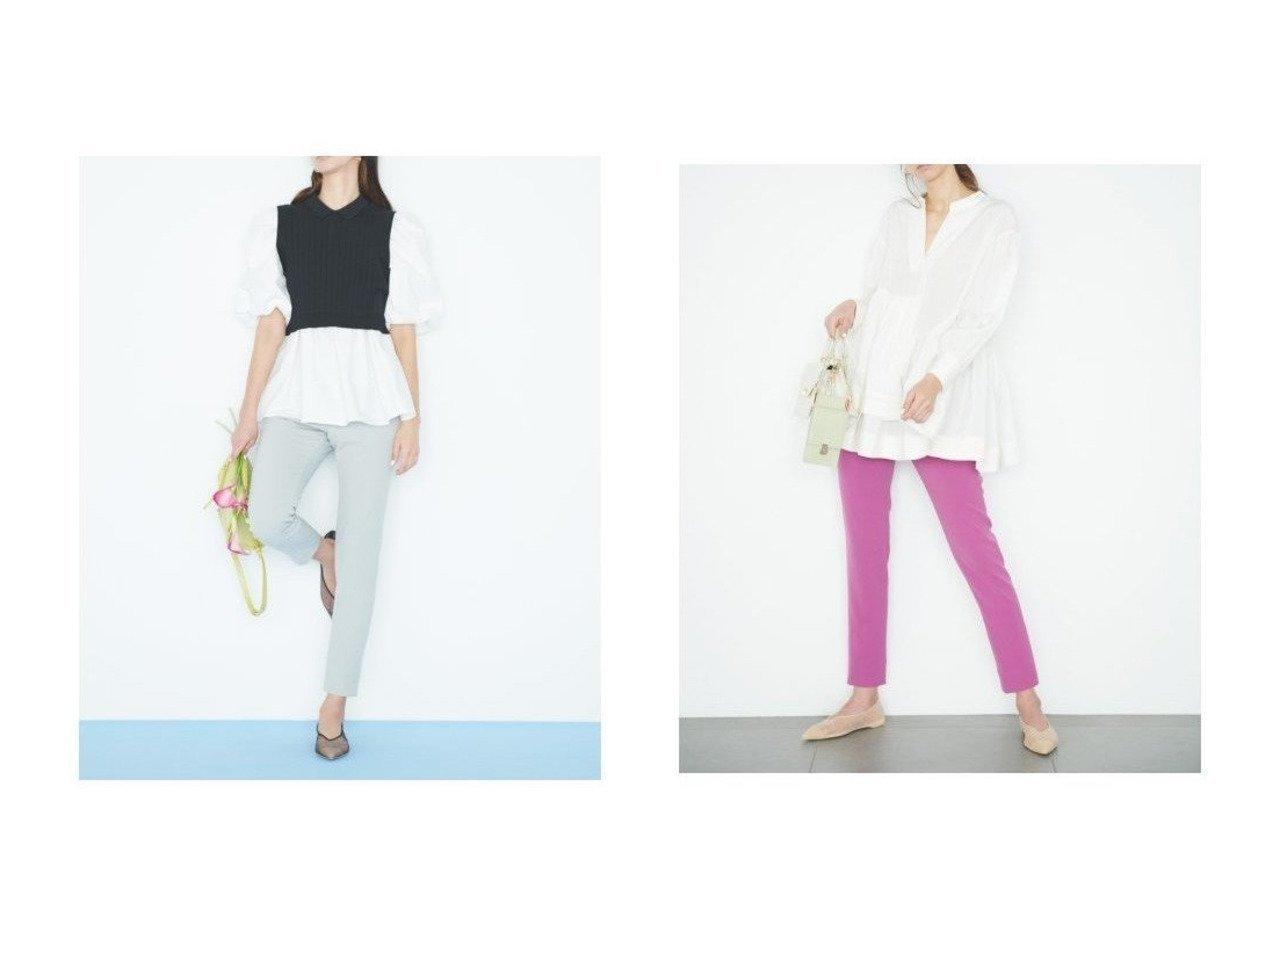 【CELFORD/セルフォード】のカラースティックパンツ パンツのおすすめ!人気、トレンド・レディースファッションの通販 おすすめで人気の流行・トレンド、ファッションの通販商品 メンズファッション・キッズファッション・インテリア・家具・レディースファッション・服の通販 founy(ファニー) https://founy.com/ ファッション Fashion レディースファッション WOMEN パンツ Pants ウォッシャブル ストレッチ スマート 定番 Standard バランス ベーシック 再入荷 Restock/Back in Stock/Re Arrival  ID:crp329100000024961